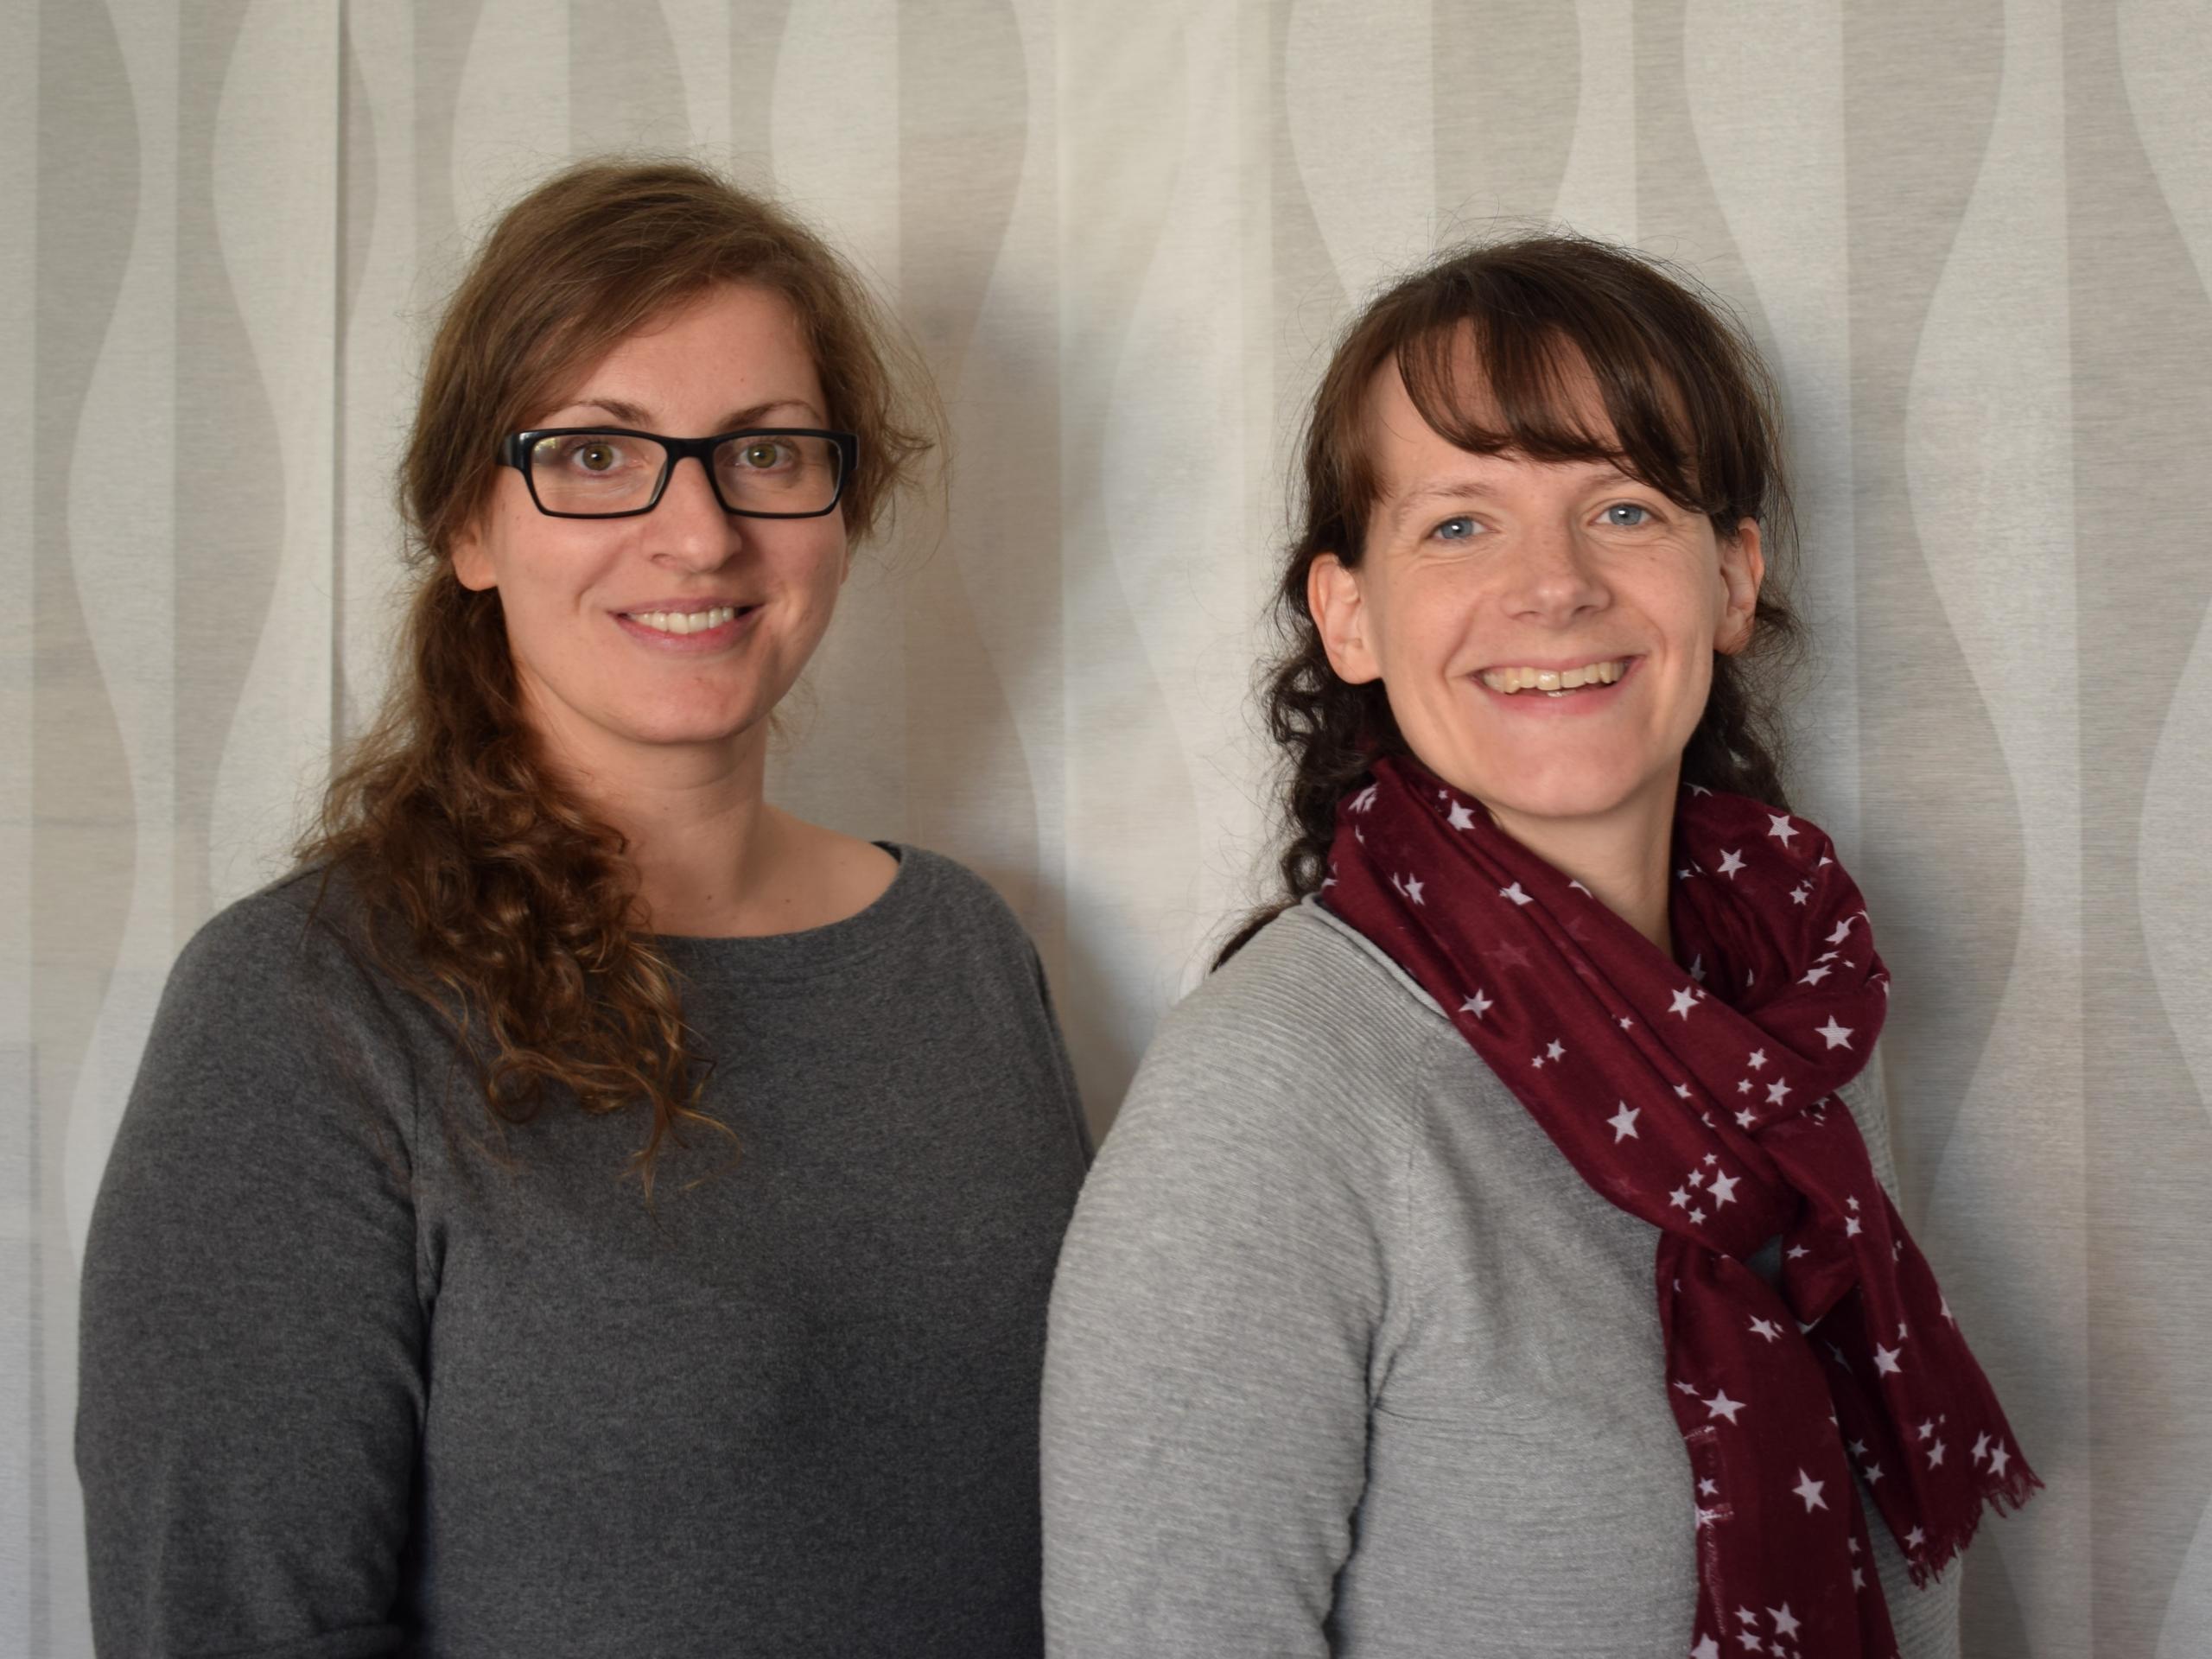 zwei Beraterinnen der EUTB des Vogtlandkreises welche beim VITAL e.V. angesiedelt ist